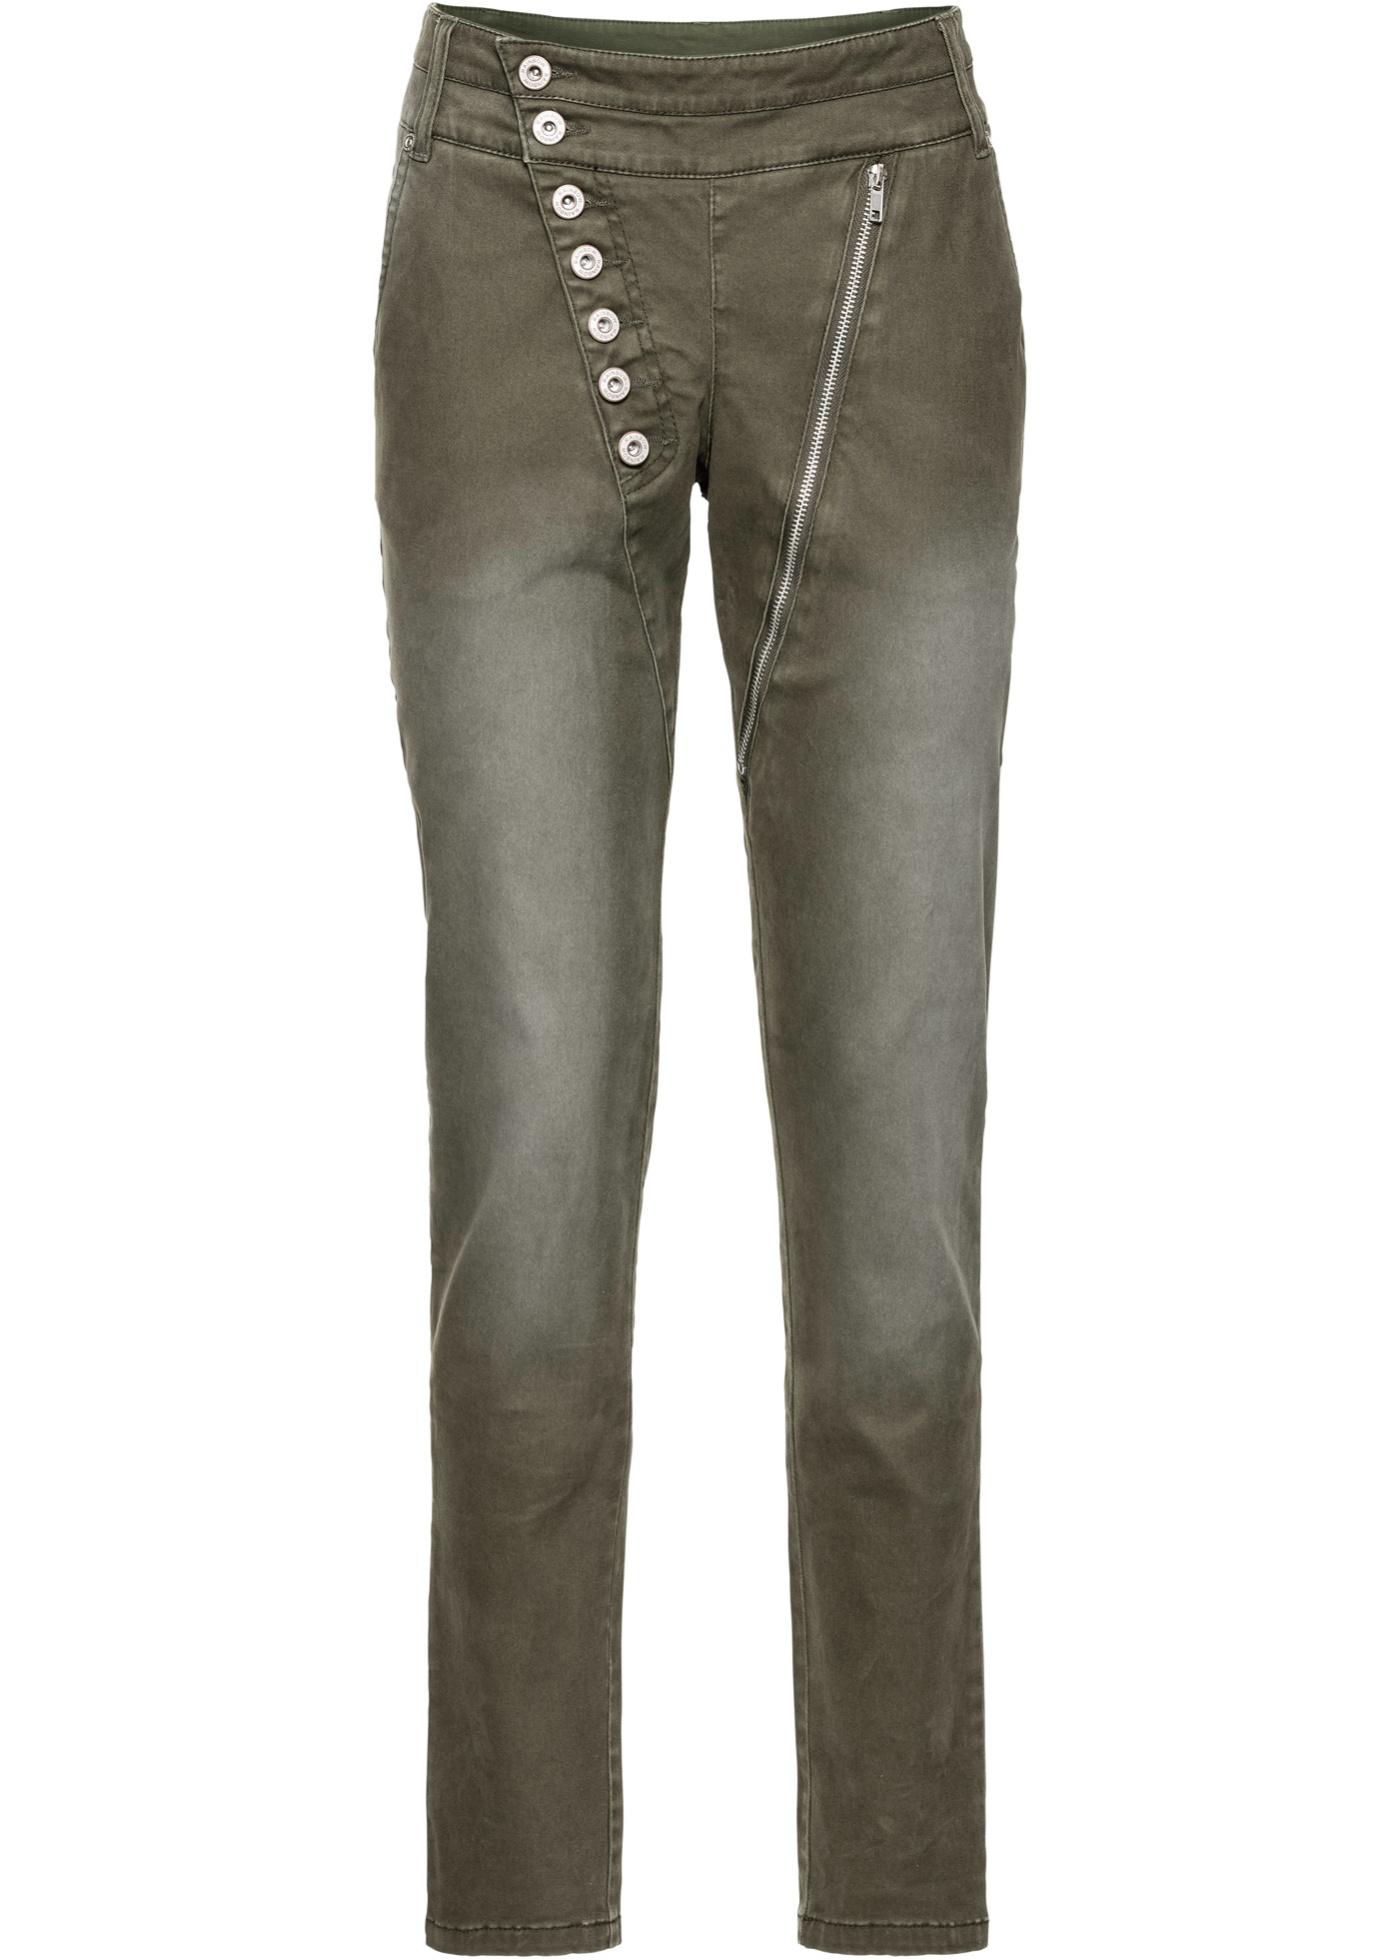 Hosen - Stretch Hose mit asymmetrischer Knopfleiste › bonprix › grün  - Onlineshop Bonprix